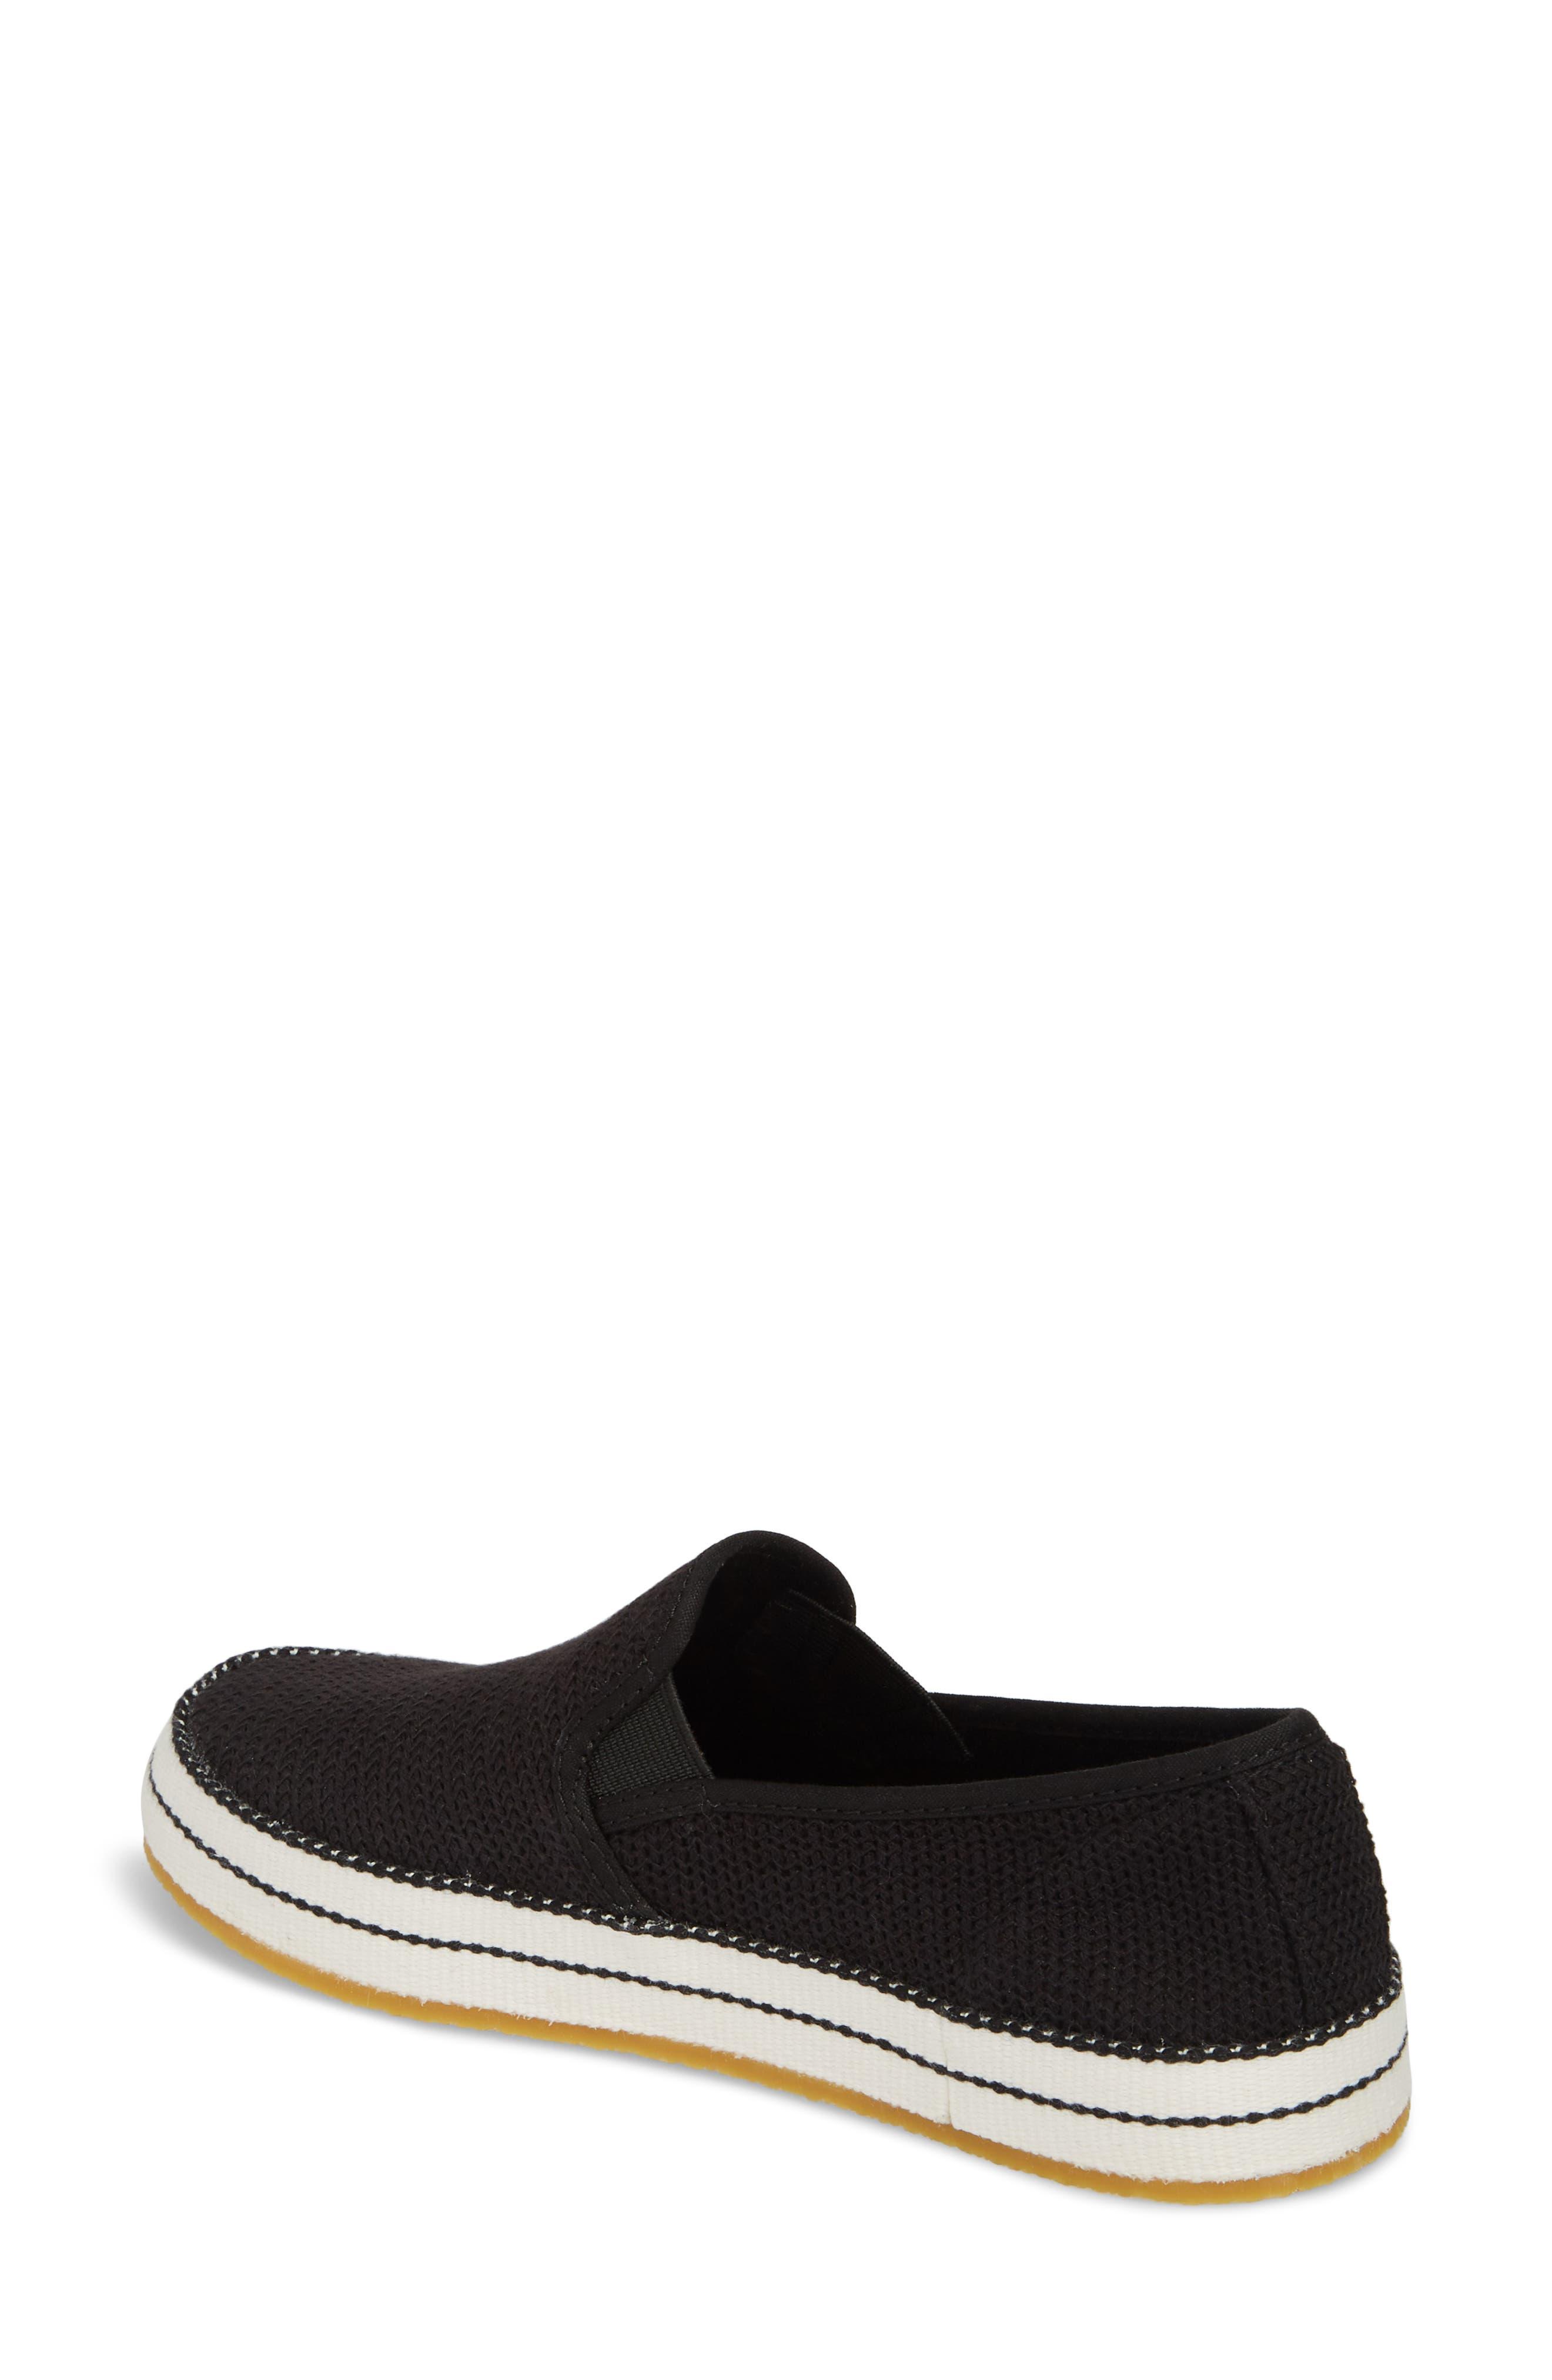 Bren Slip-On Sneaker,                             Alternate thumbnail 2, color,                             BLACK